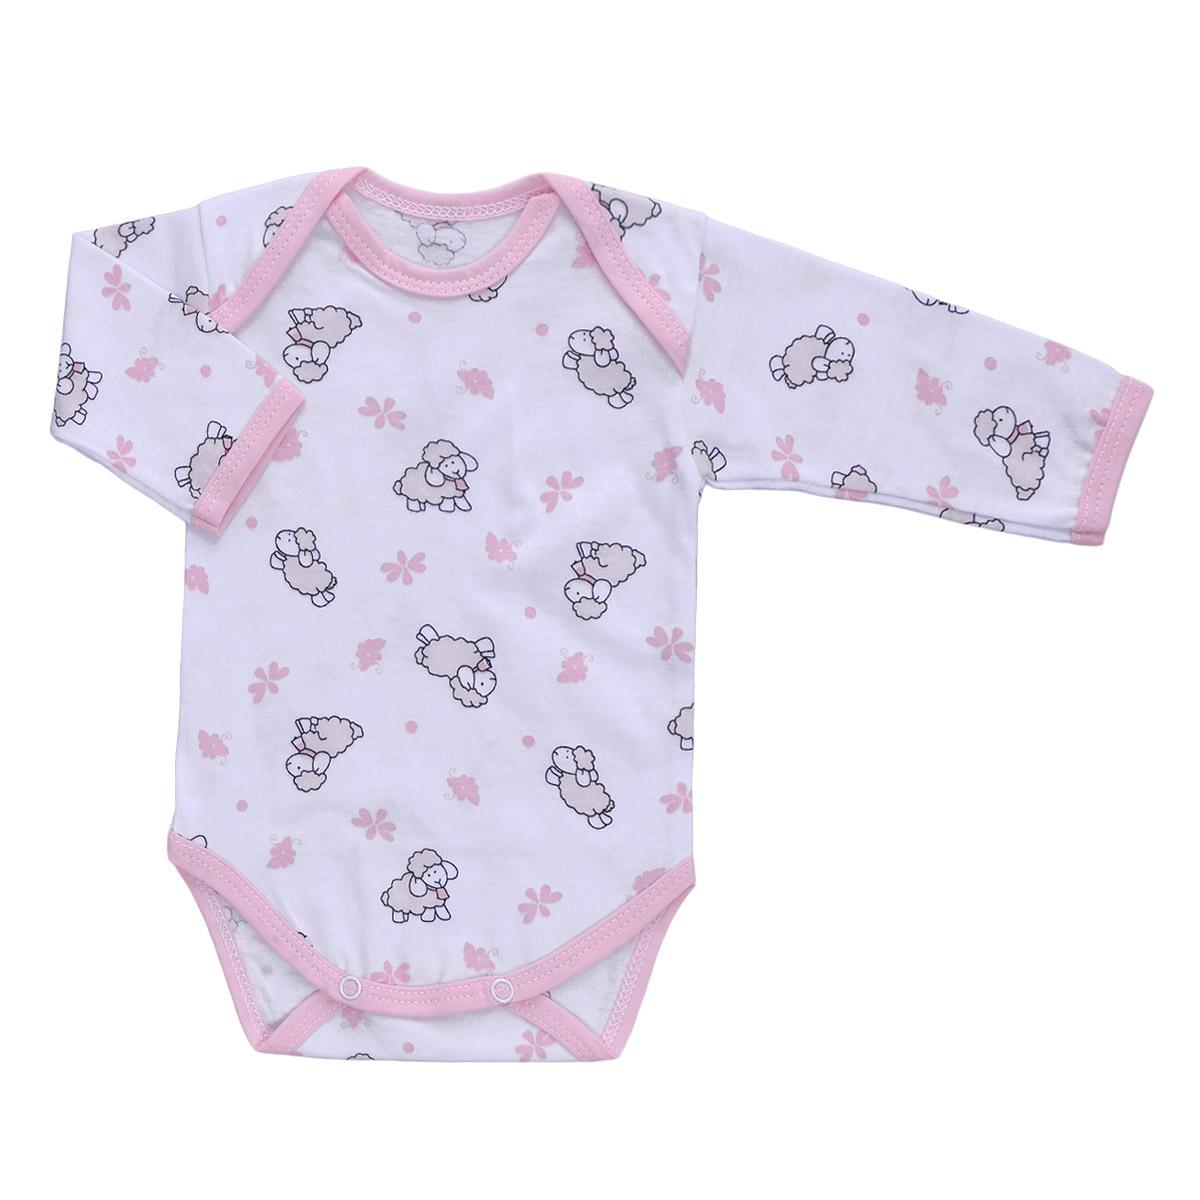 Боди детское Трон-Плюс, цвет: белый, розовый, рисунок барашки. 5861. Размер 74, 9 месяцев5861Детское боди Трон-плюс с длинными рукавами послужит идеальным дополнением к гардеробу вашего ребенка, обеспечивая ему наибольший комфорт. Боди изготовлено из кулирного полотна -натурального хлопка, благодаря чему оно необычайно мягкое и легкое, не раздражает нежную кожу ребенка и хорошо вентилируется, а эластичные швы приятны телу младенца и не препятствуют его движениям. Удобные запахи на плечах и кнопки на ластовице помогают легко переодеть младенца или сменить подгузник. Боди полностью соответствует особенностям жизни ребенка в ранний период, не стесняя и не ограничивая его в движениях. В нем ваш ребенок всегда будет в центре внимания.